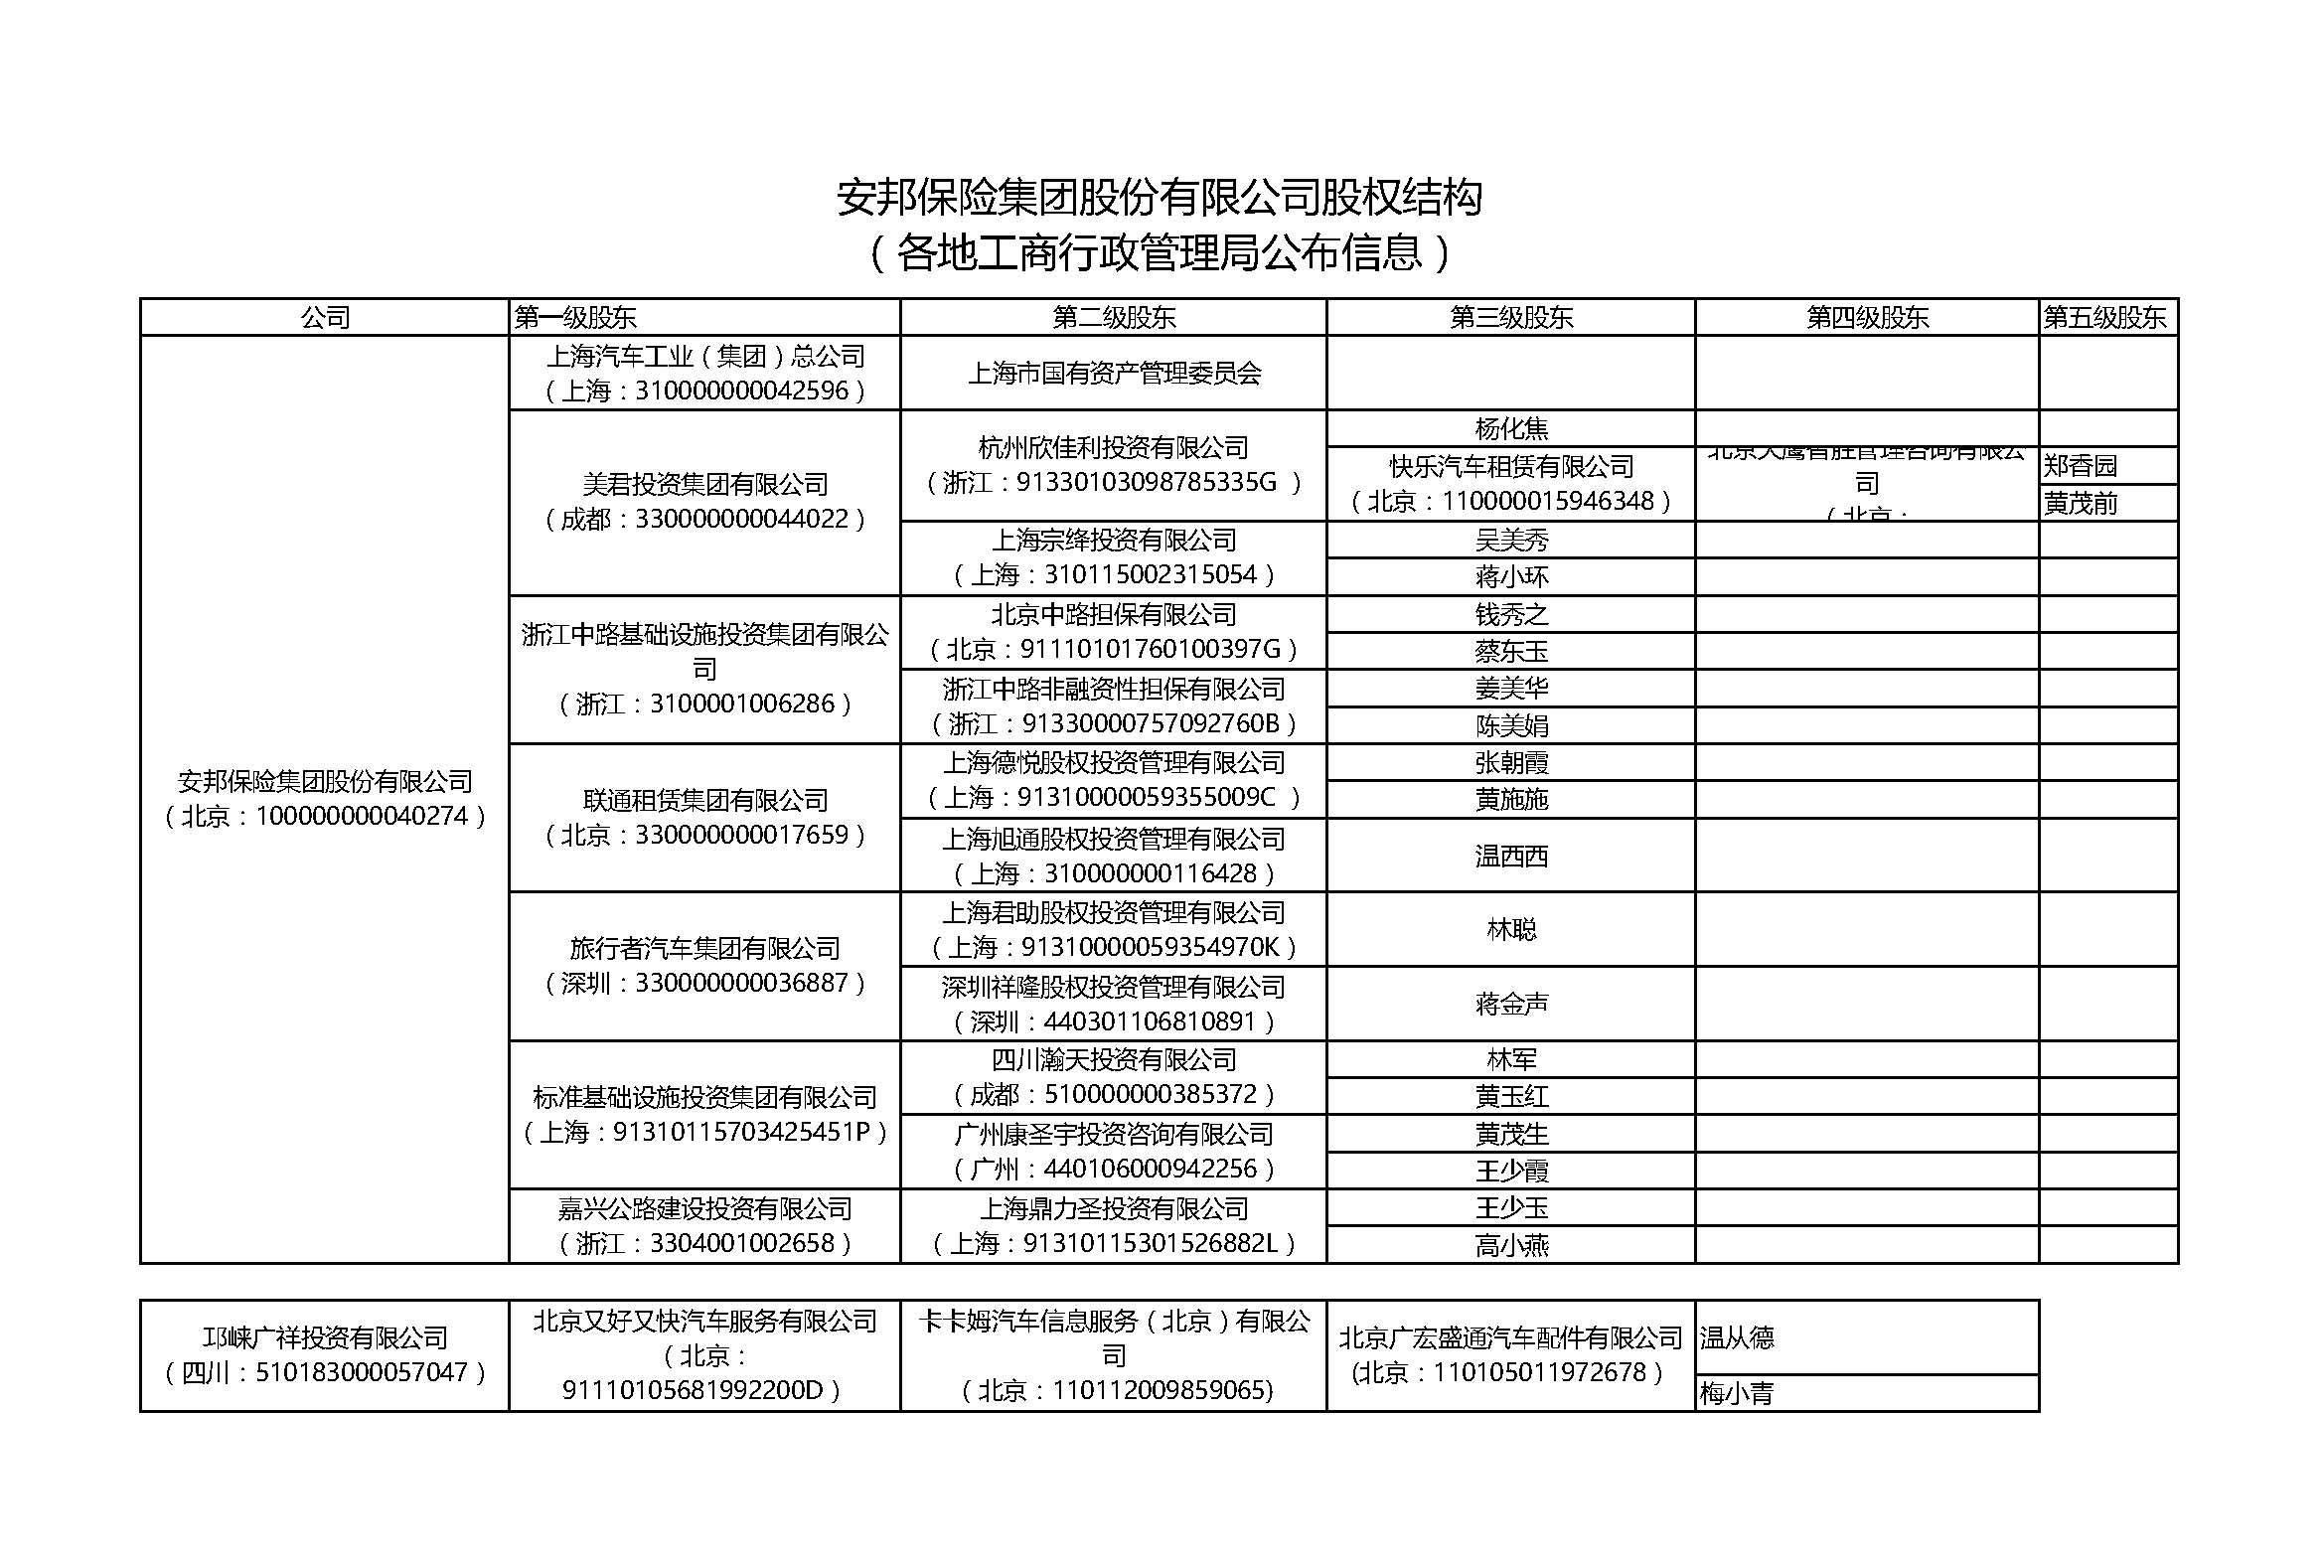 有限公司股权结构 (各地工商行政管理局公布信息)